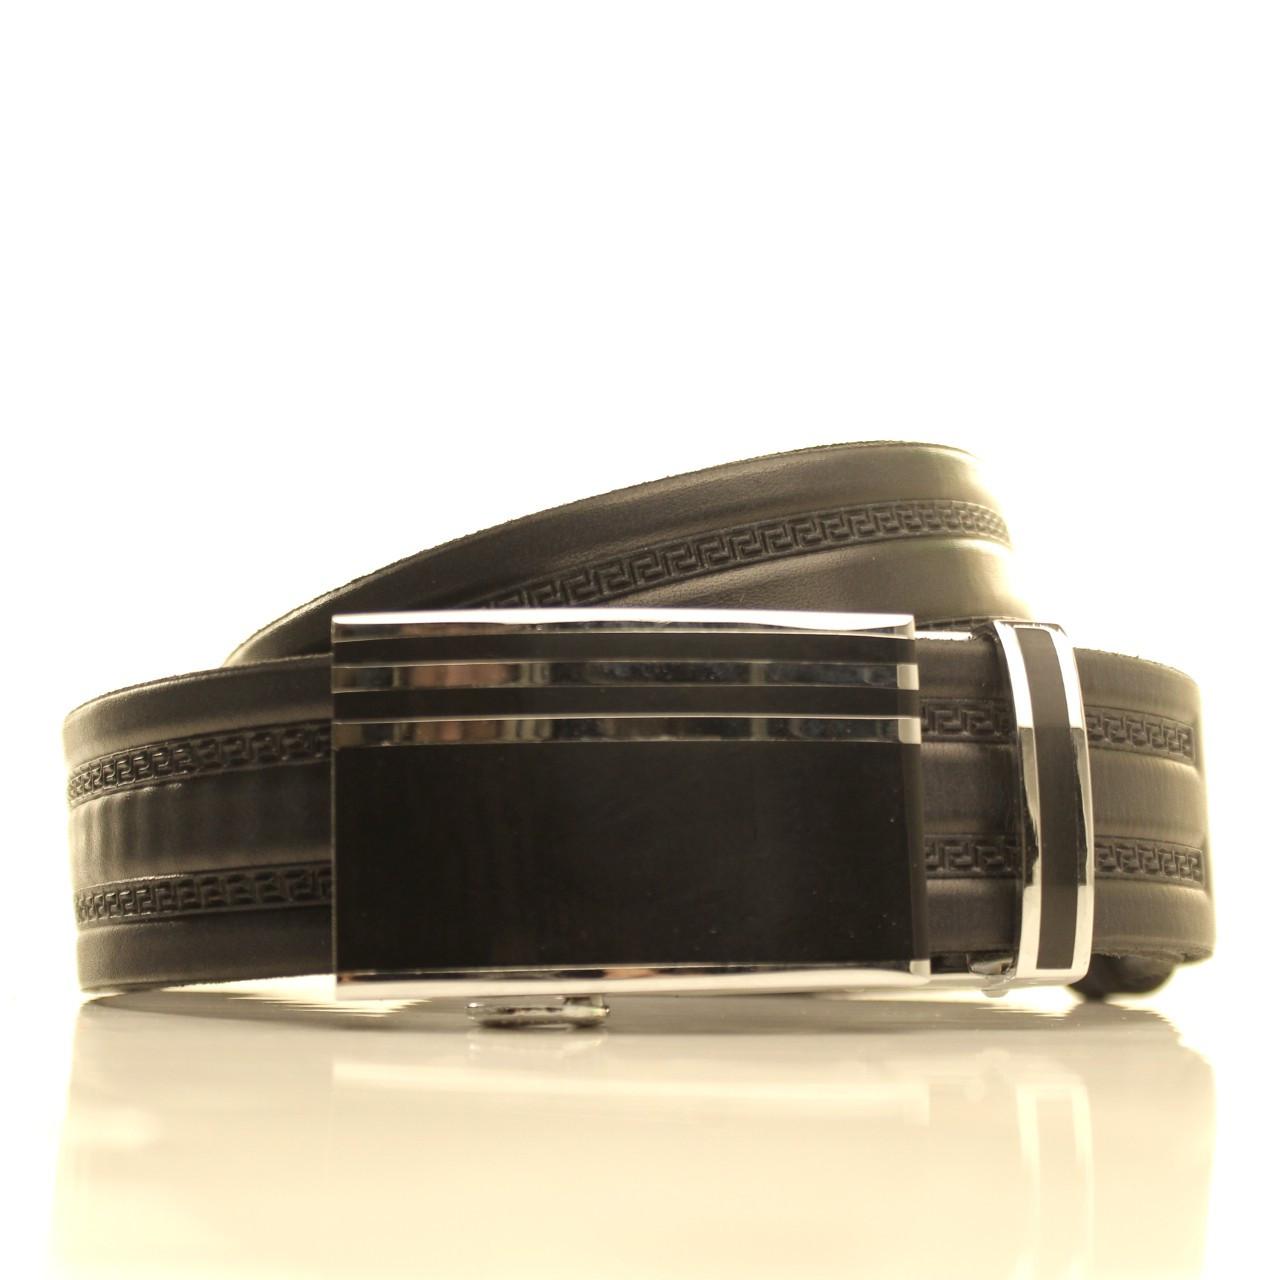 Ремень кожаный Lazar 105-115 см коричневый l35u1a144